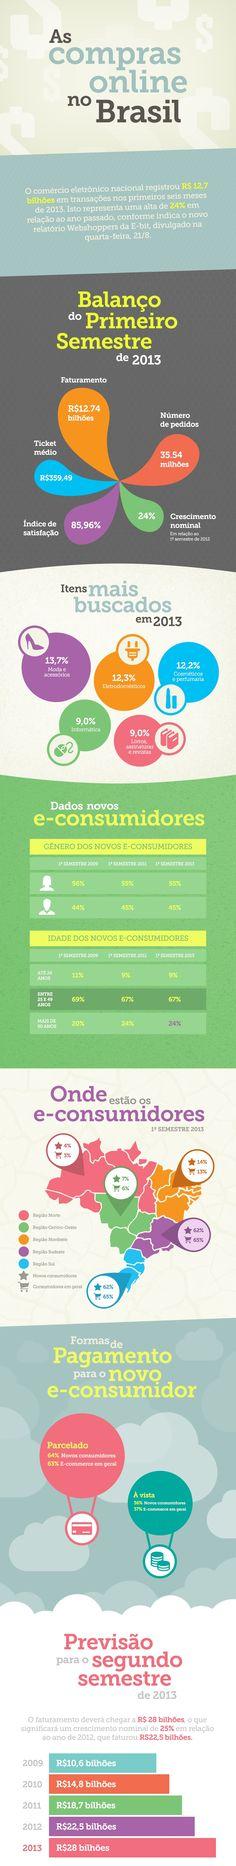 O que os brasileiros compram na internet #Infografico